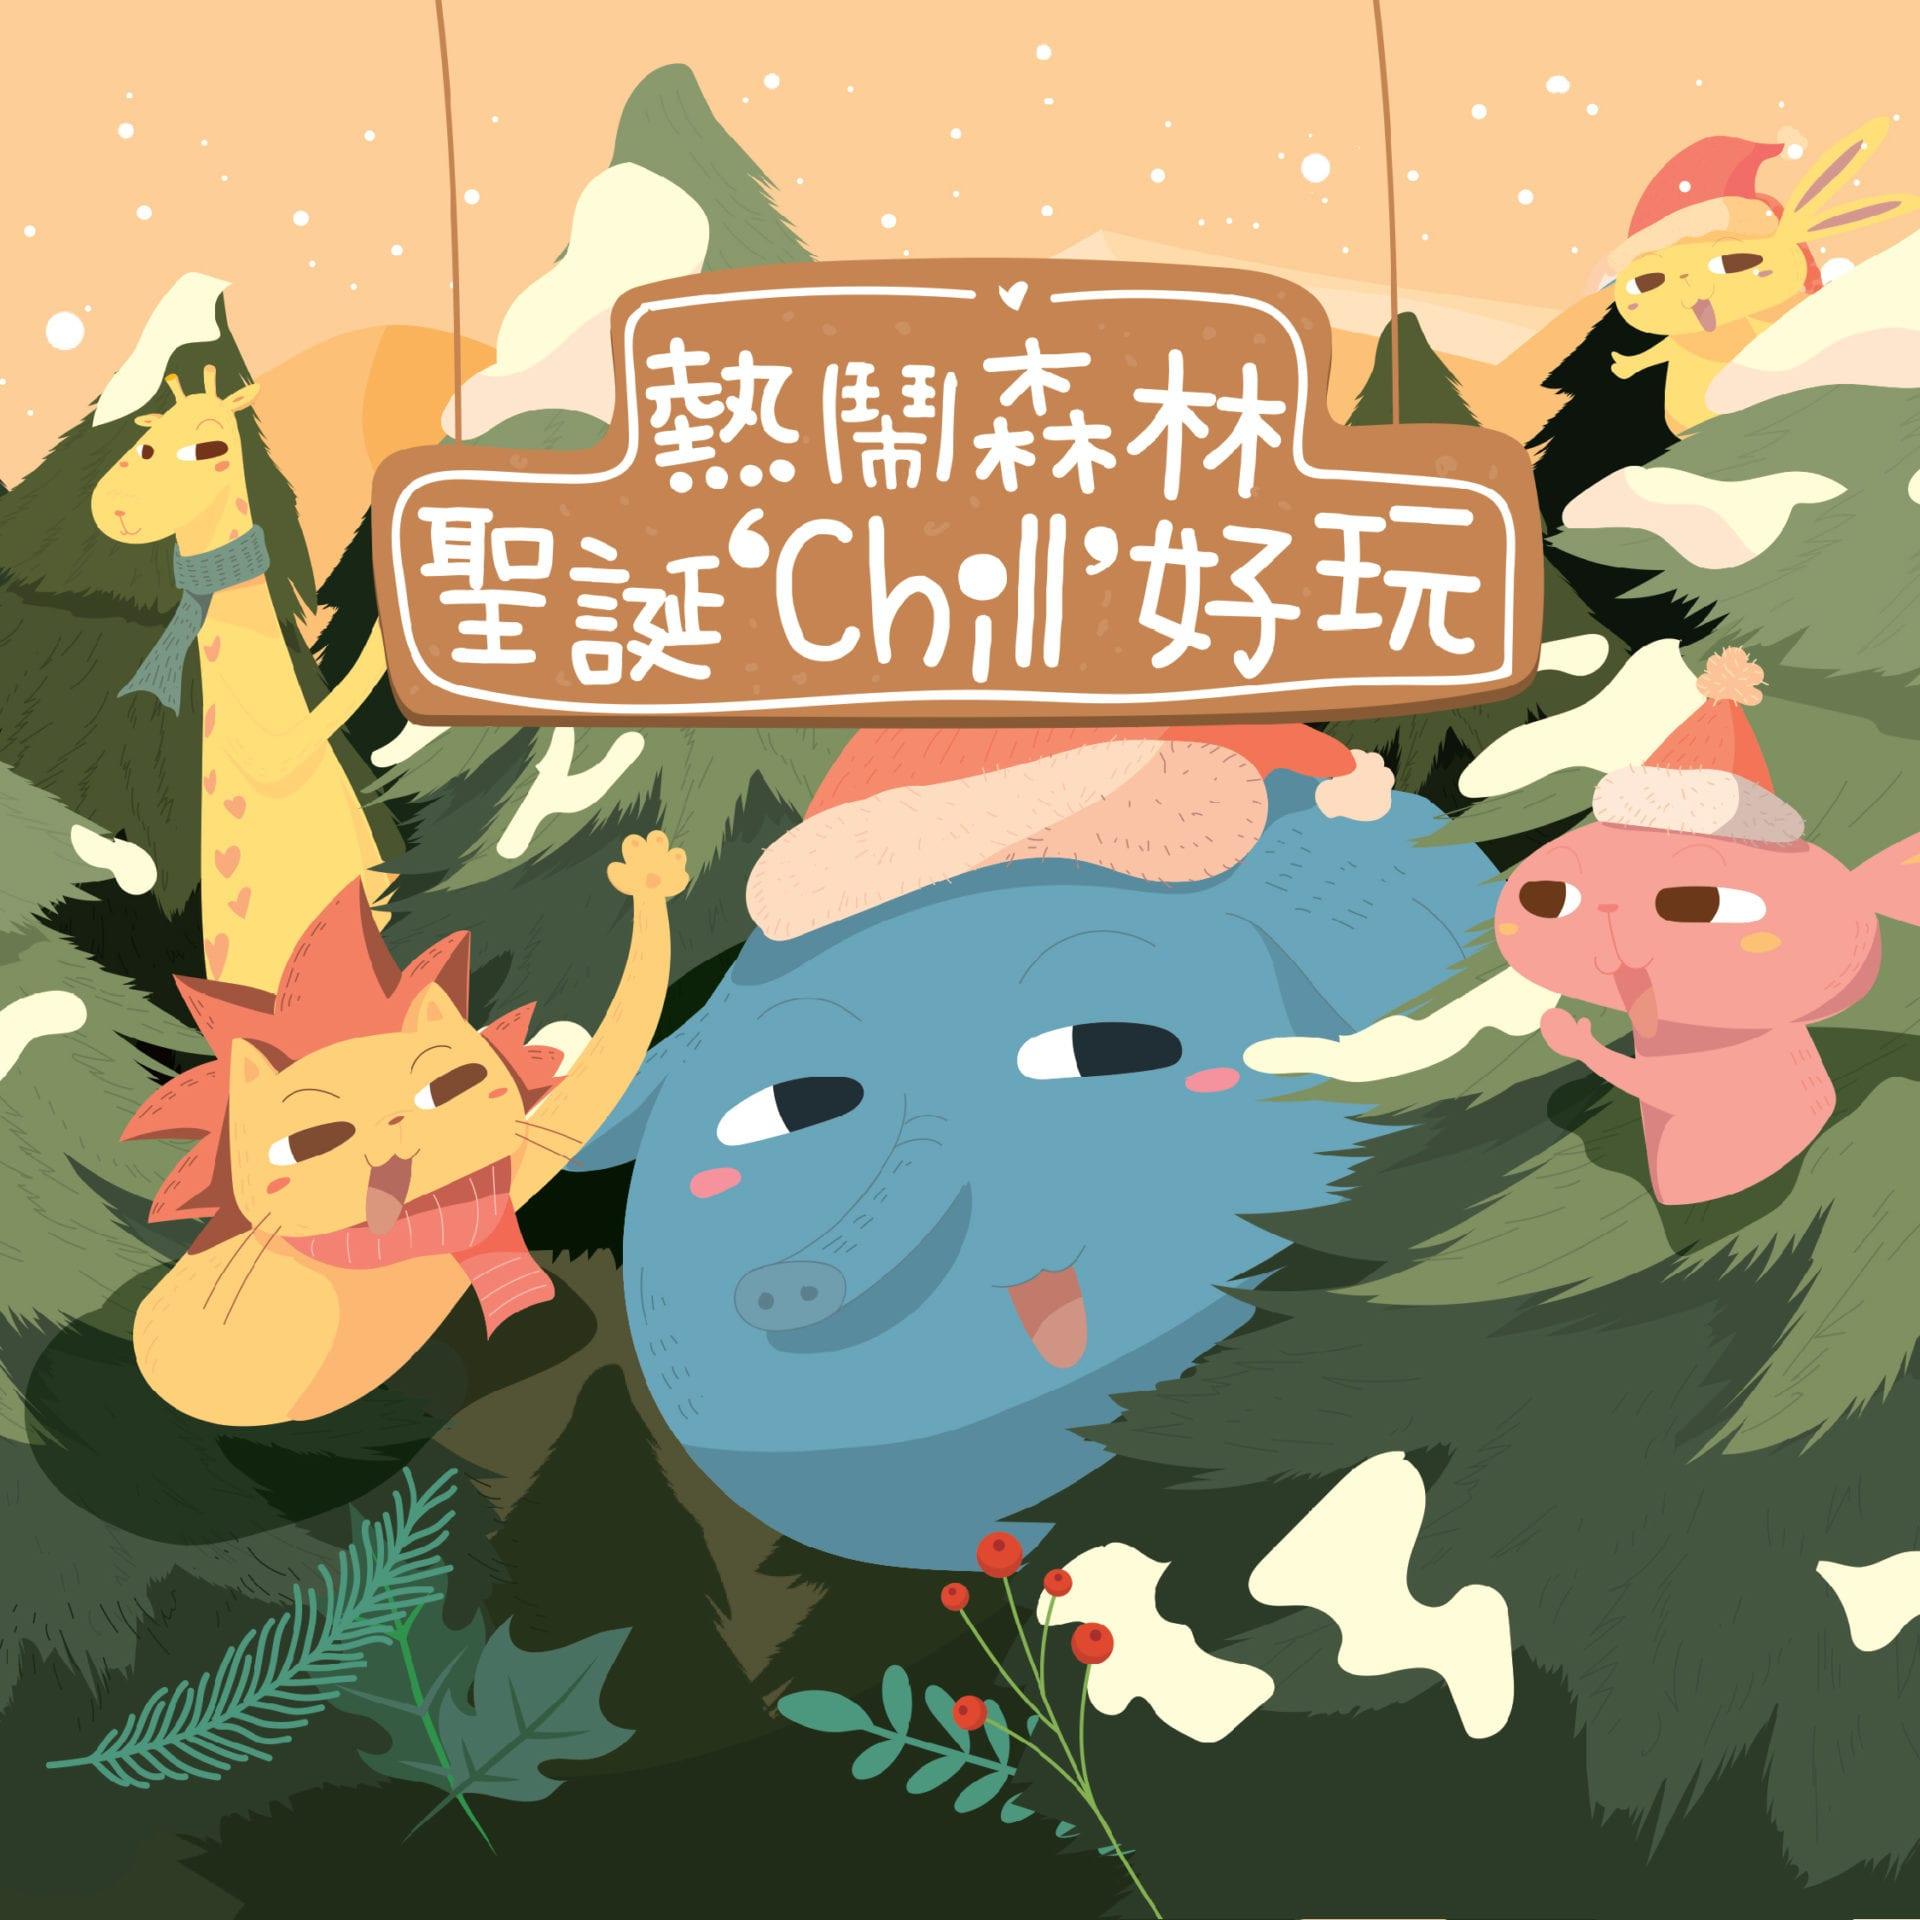 熱鬧森林聖誕Chill好玩